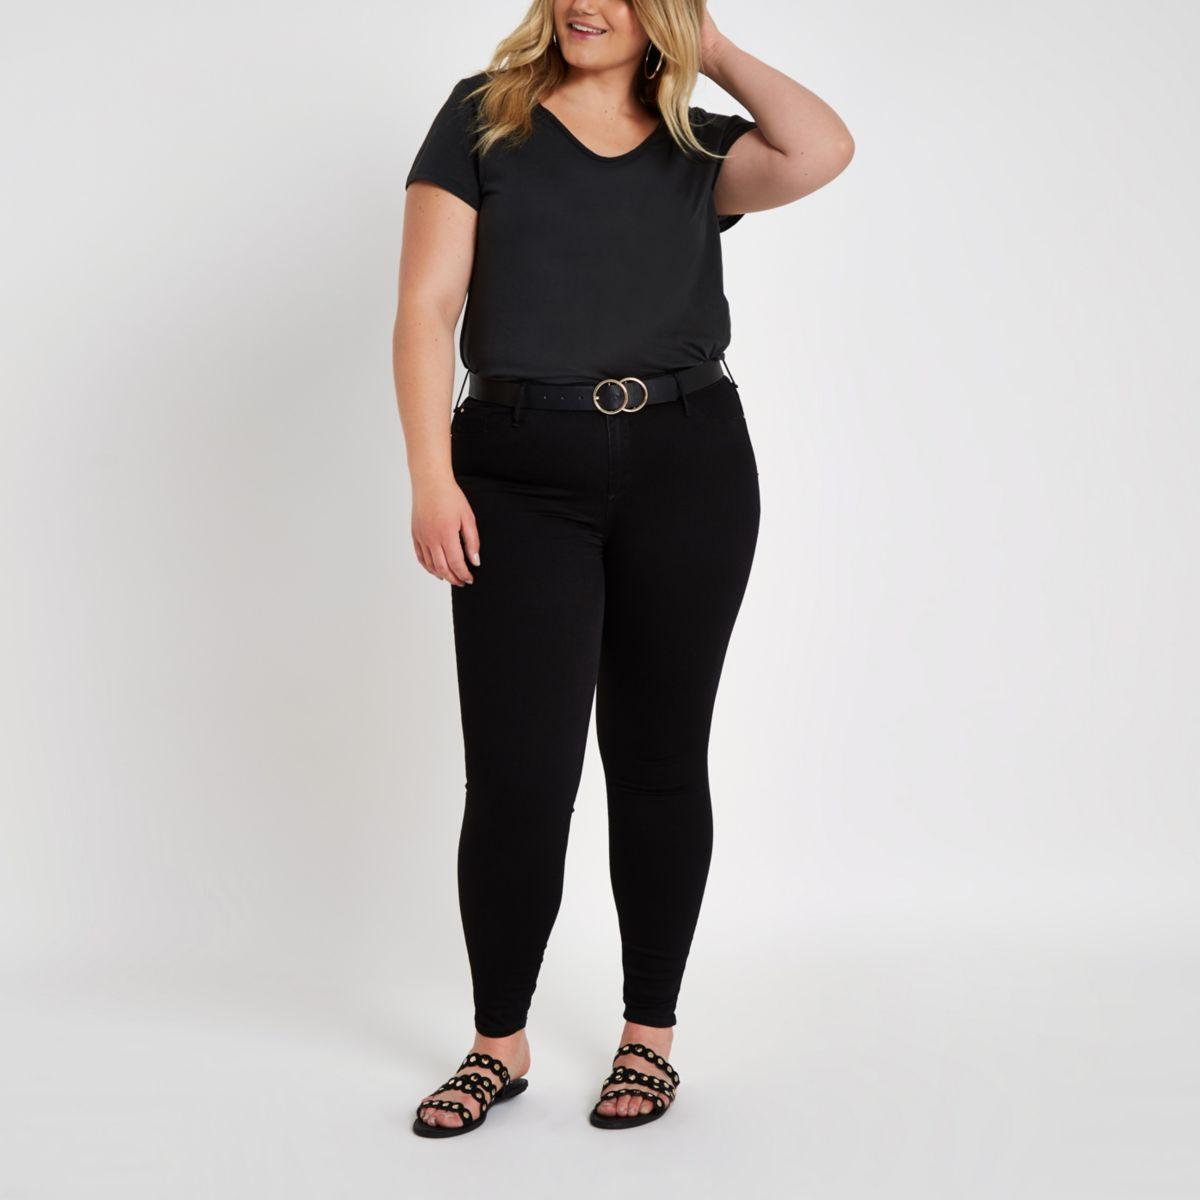 Plus - Schwarzes T-Shirt mit U-Ausschnitt